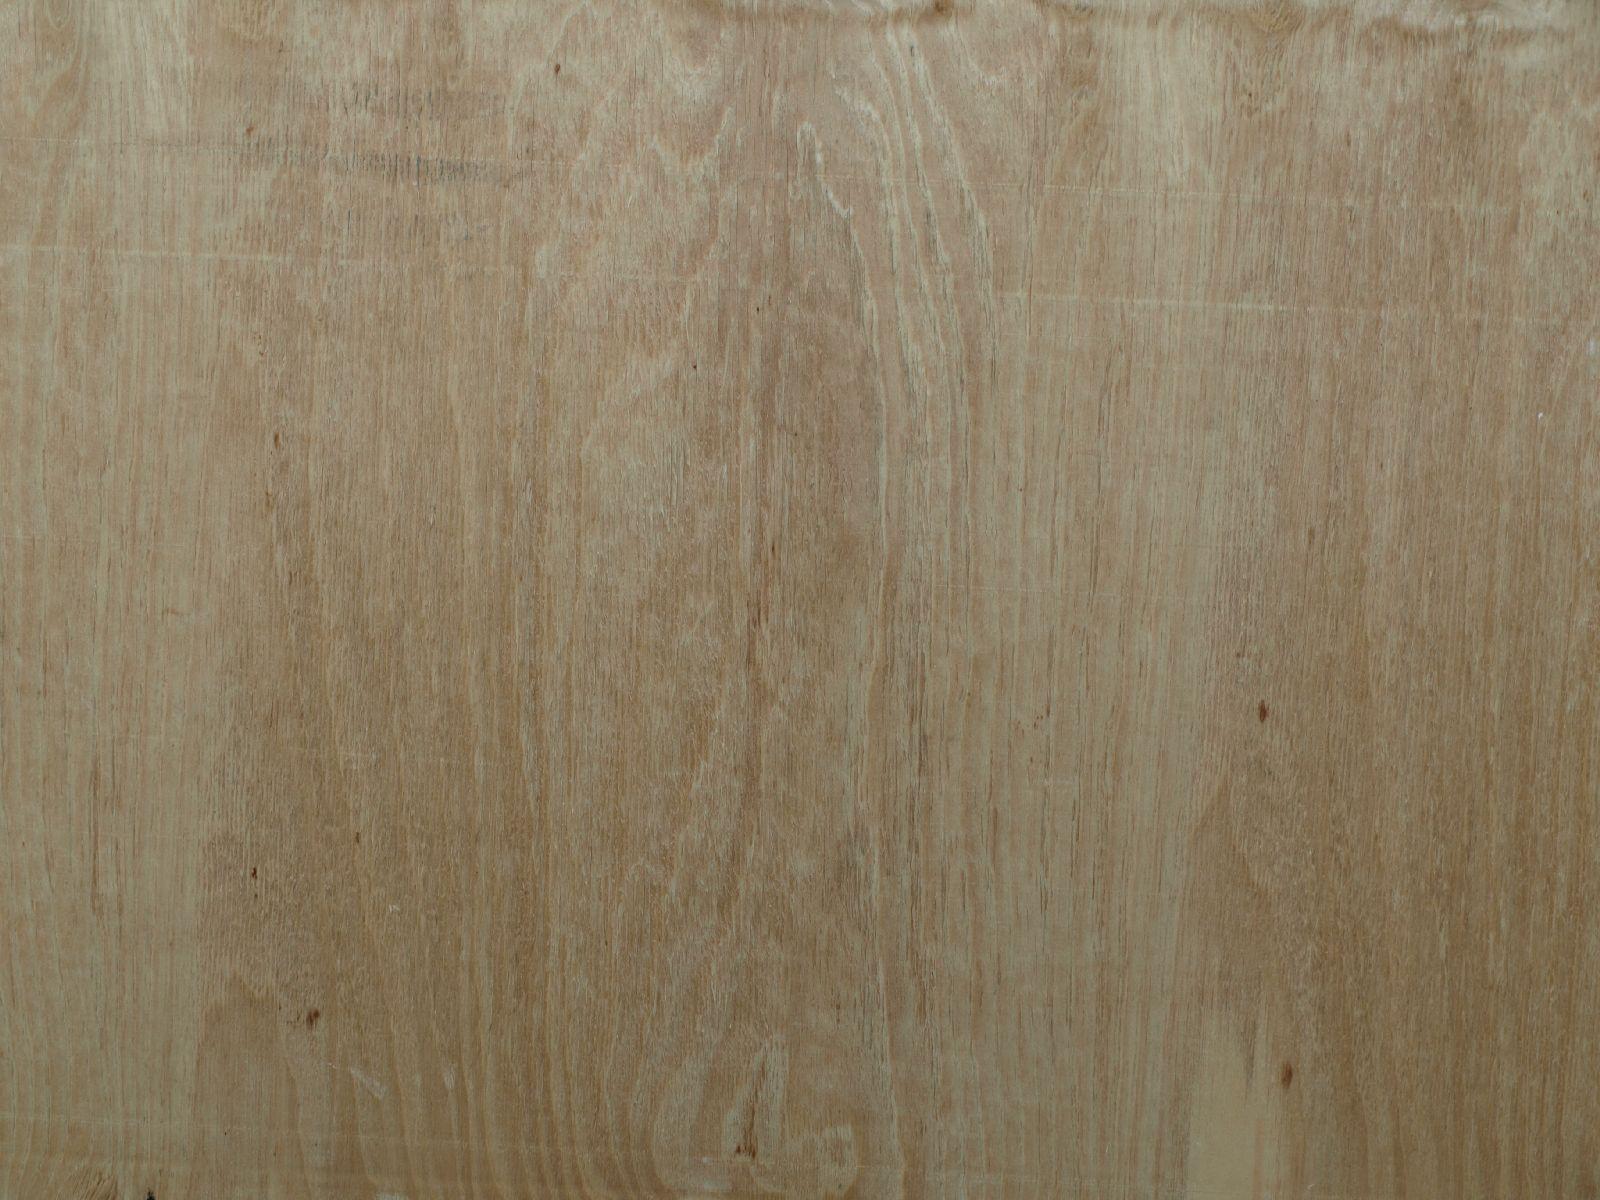 Holz_Textur_A_P4080227